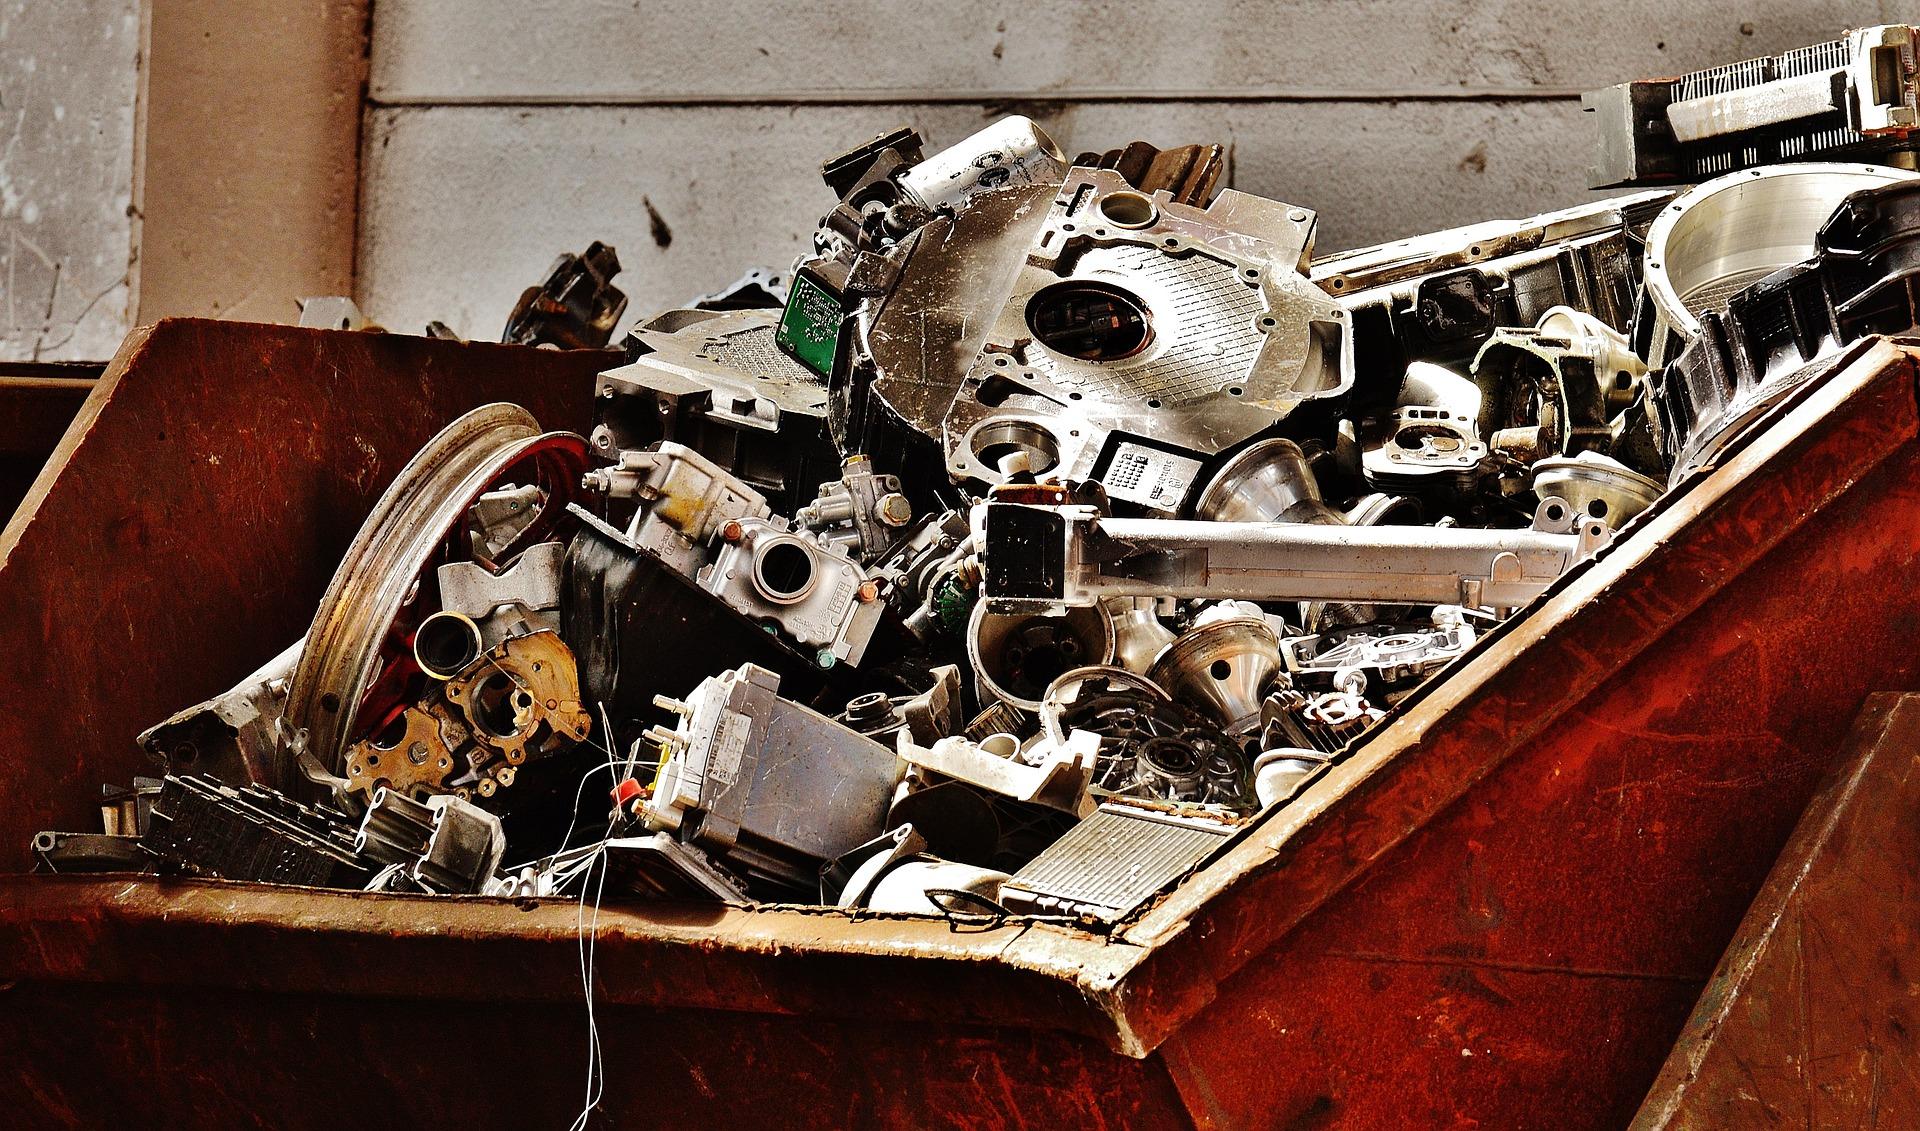 إعادة تدوير المعادن، ما هي، أهميتها، مميزاتها،مراحلها وتفاصيلها